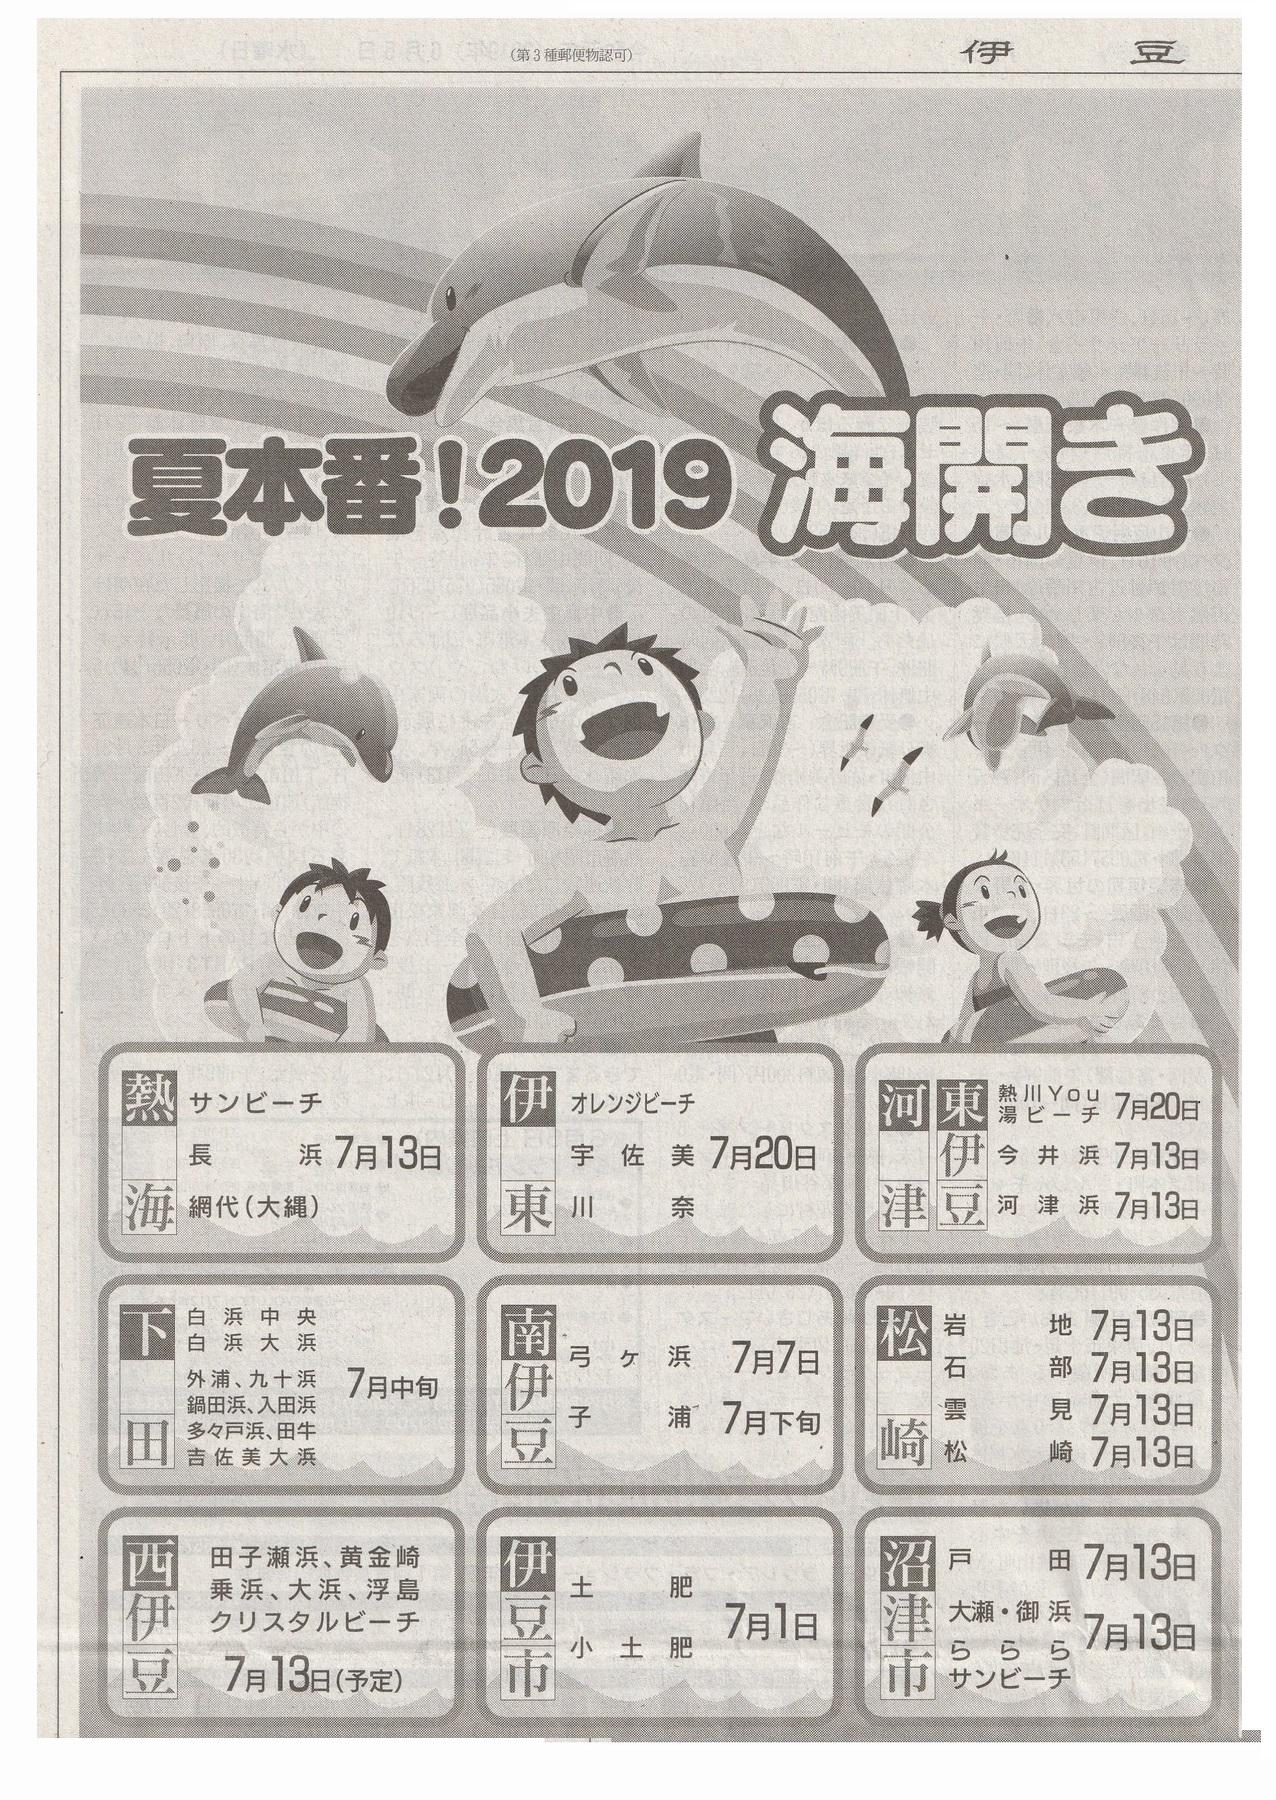 https://www.magaret.jp/mt_img/%E6%B5%B7%E9%96%8B%E3%81%8D_JALAN_190605.jpg